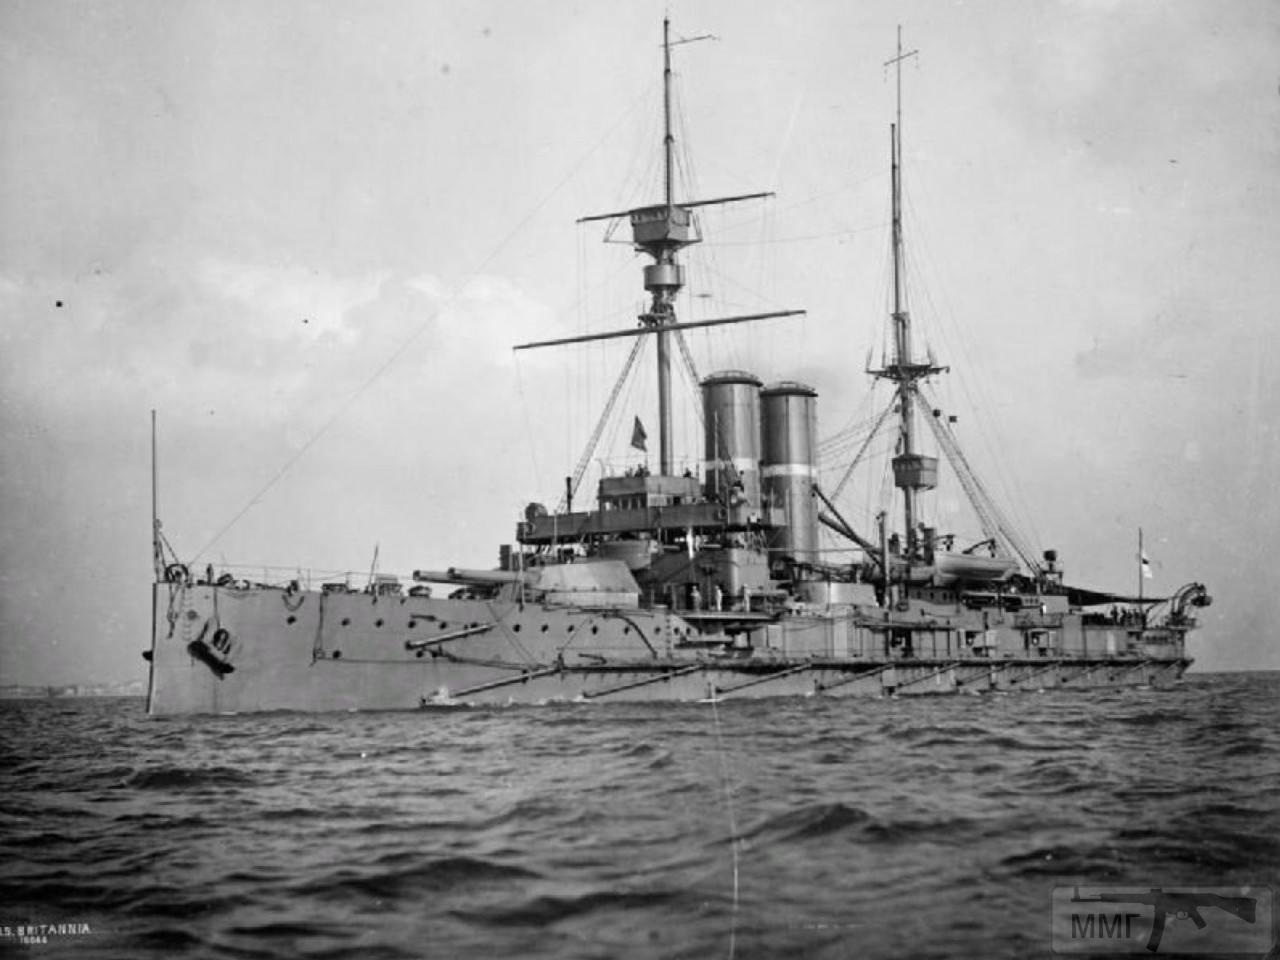 43714 - HMS Britannia